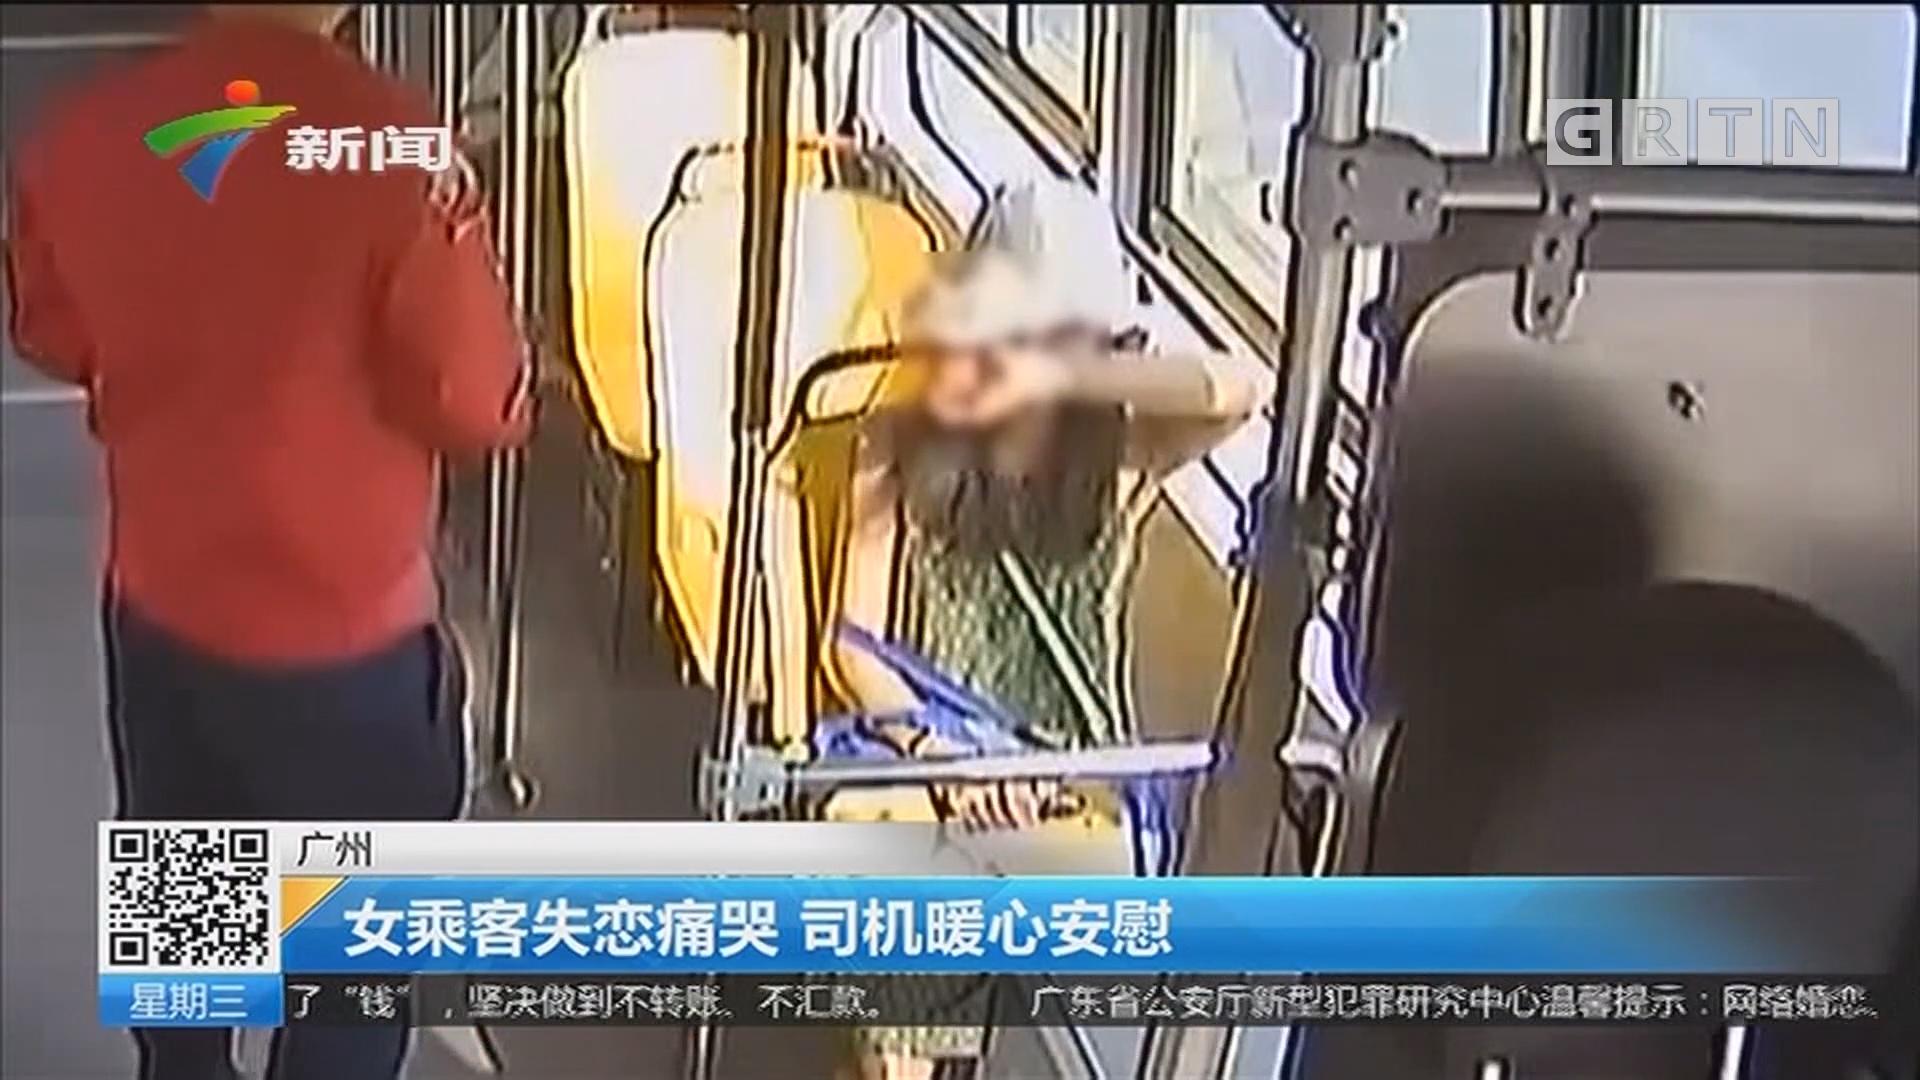 广州:女乘客失恋痛哭 司机暖心安慰